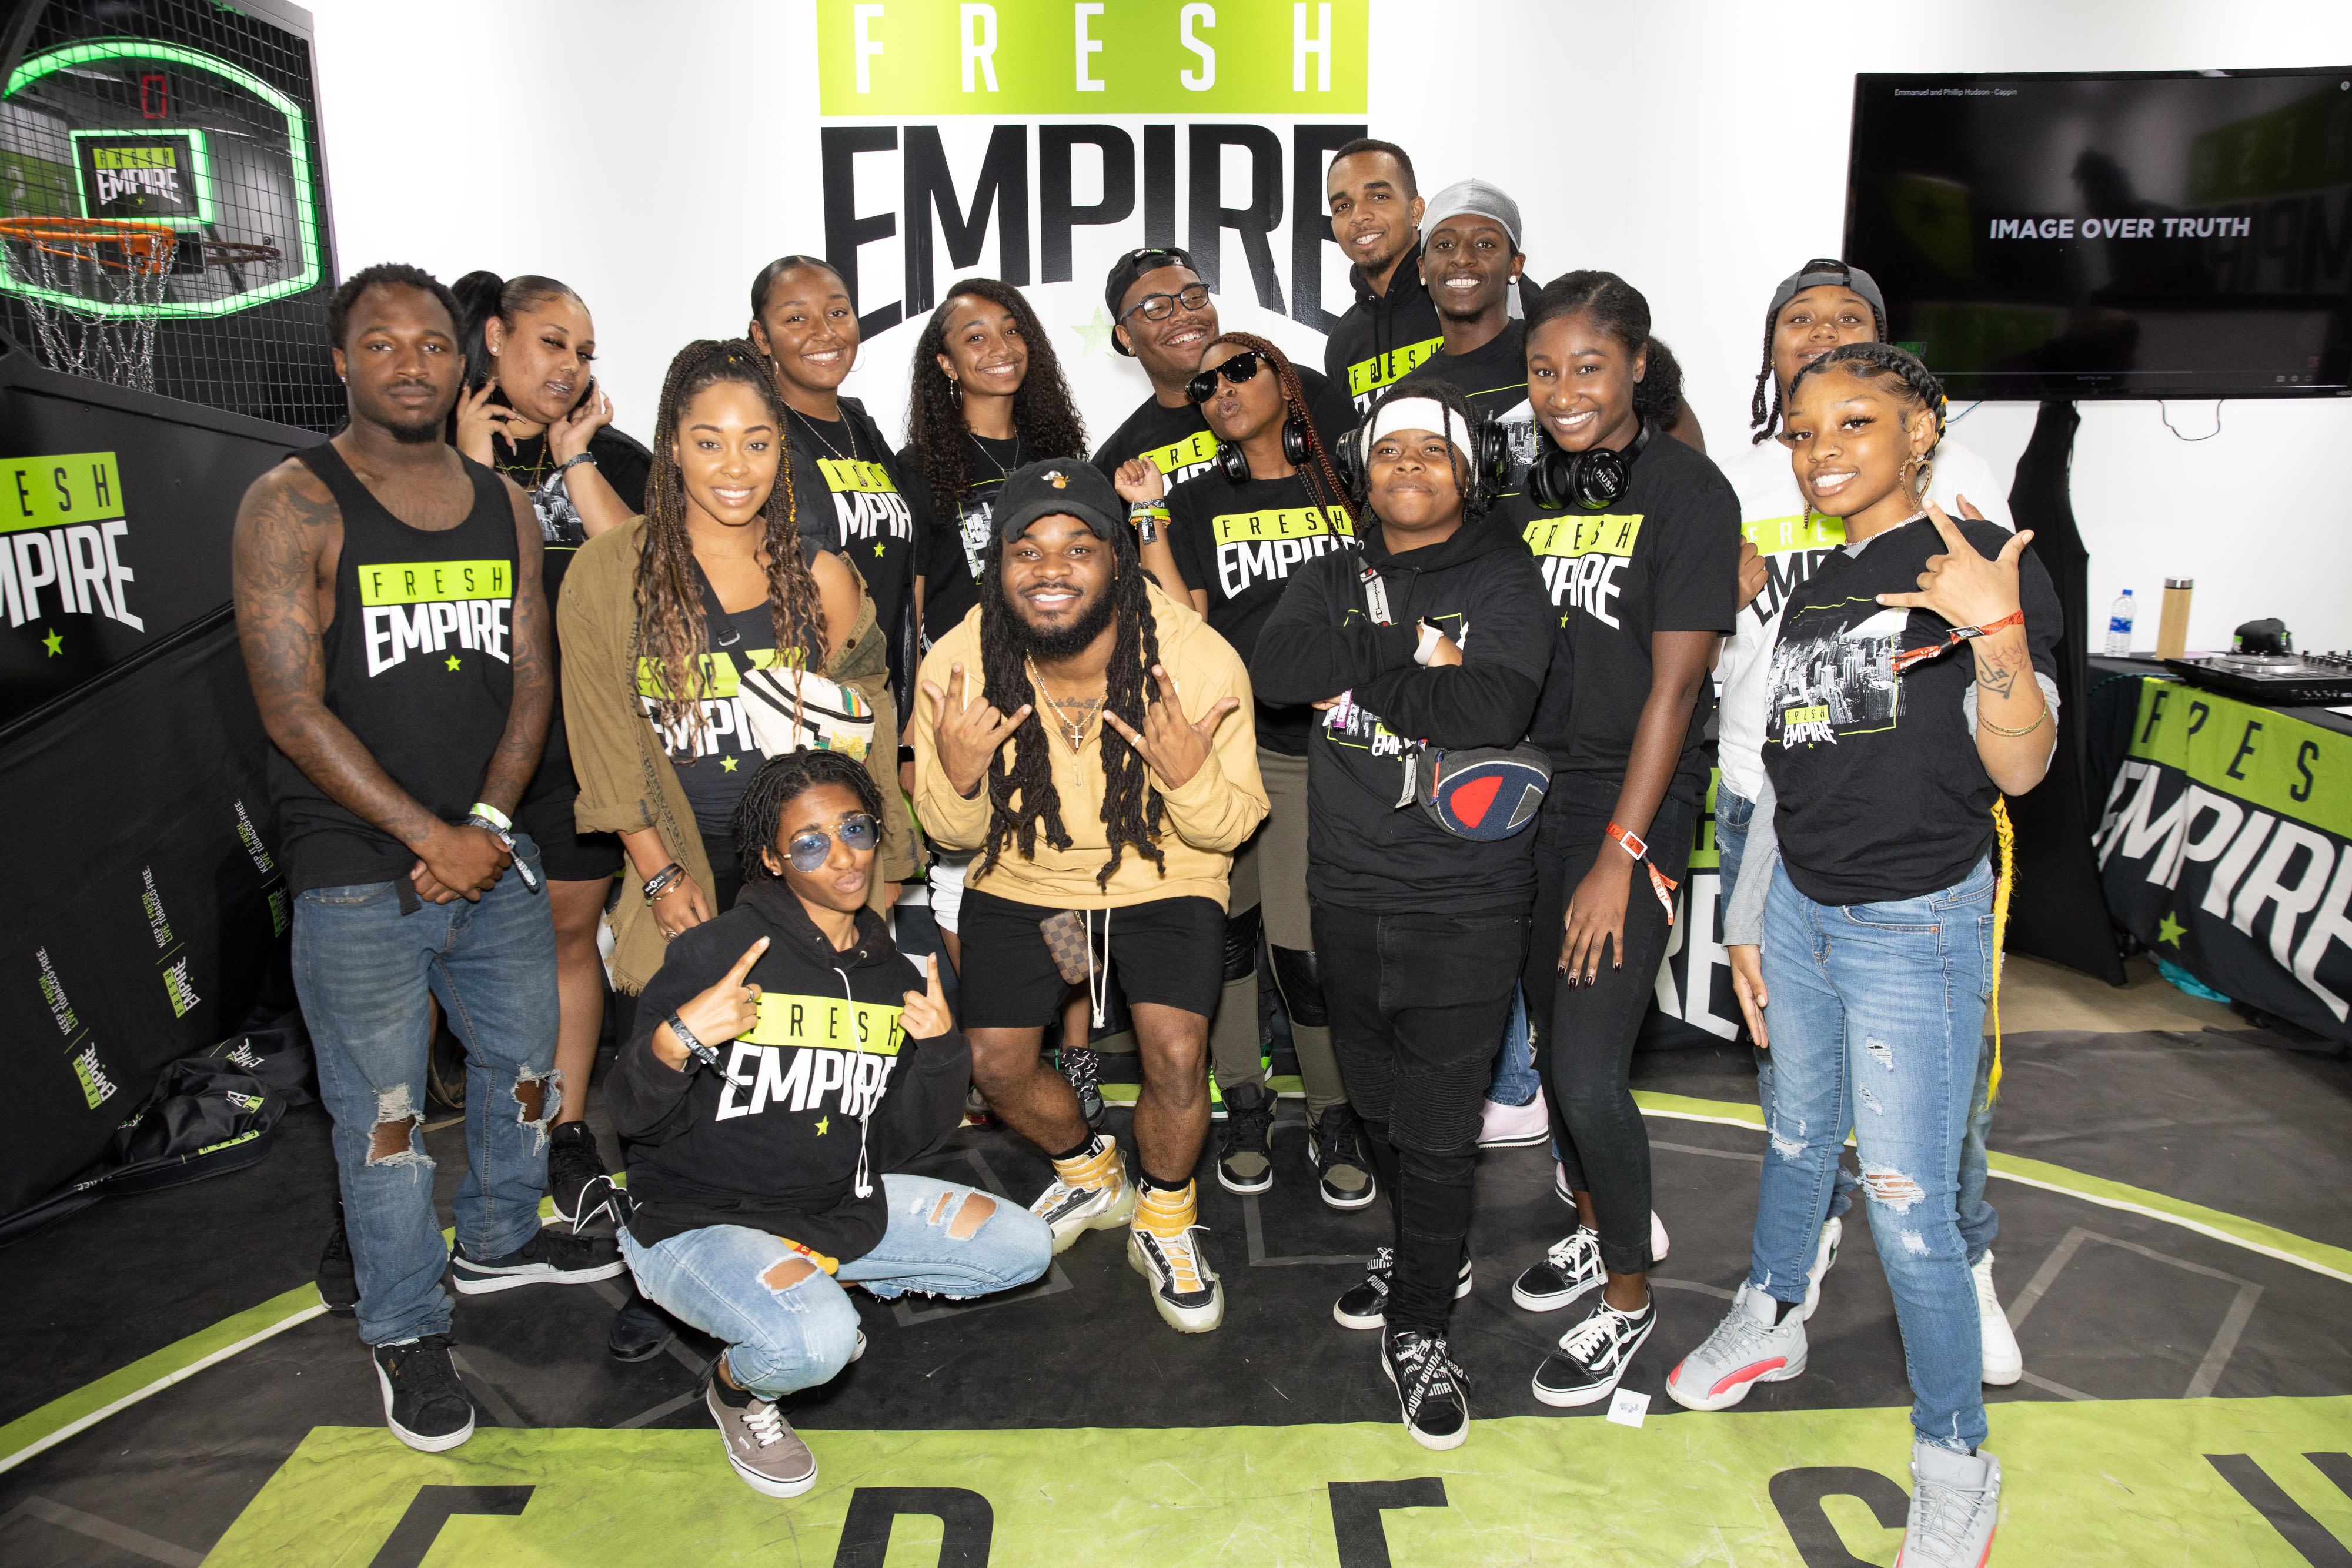 Eman Hudson x Fresh Empire at ComplexCon Speaking 2